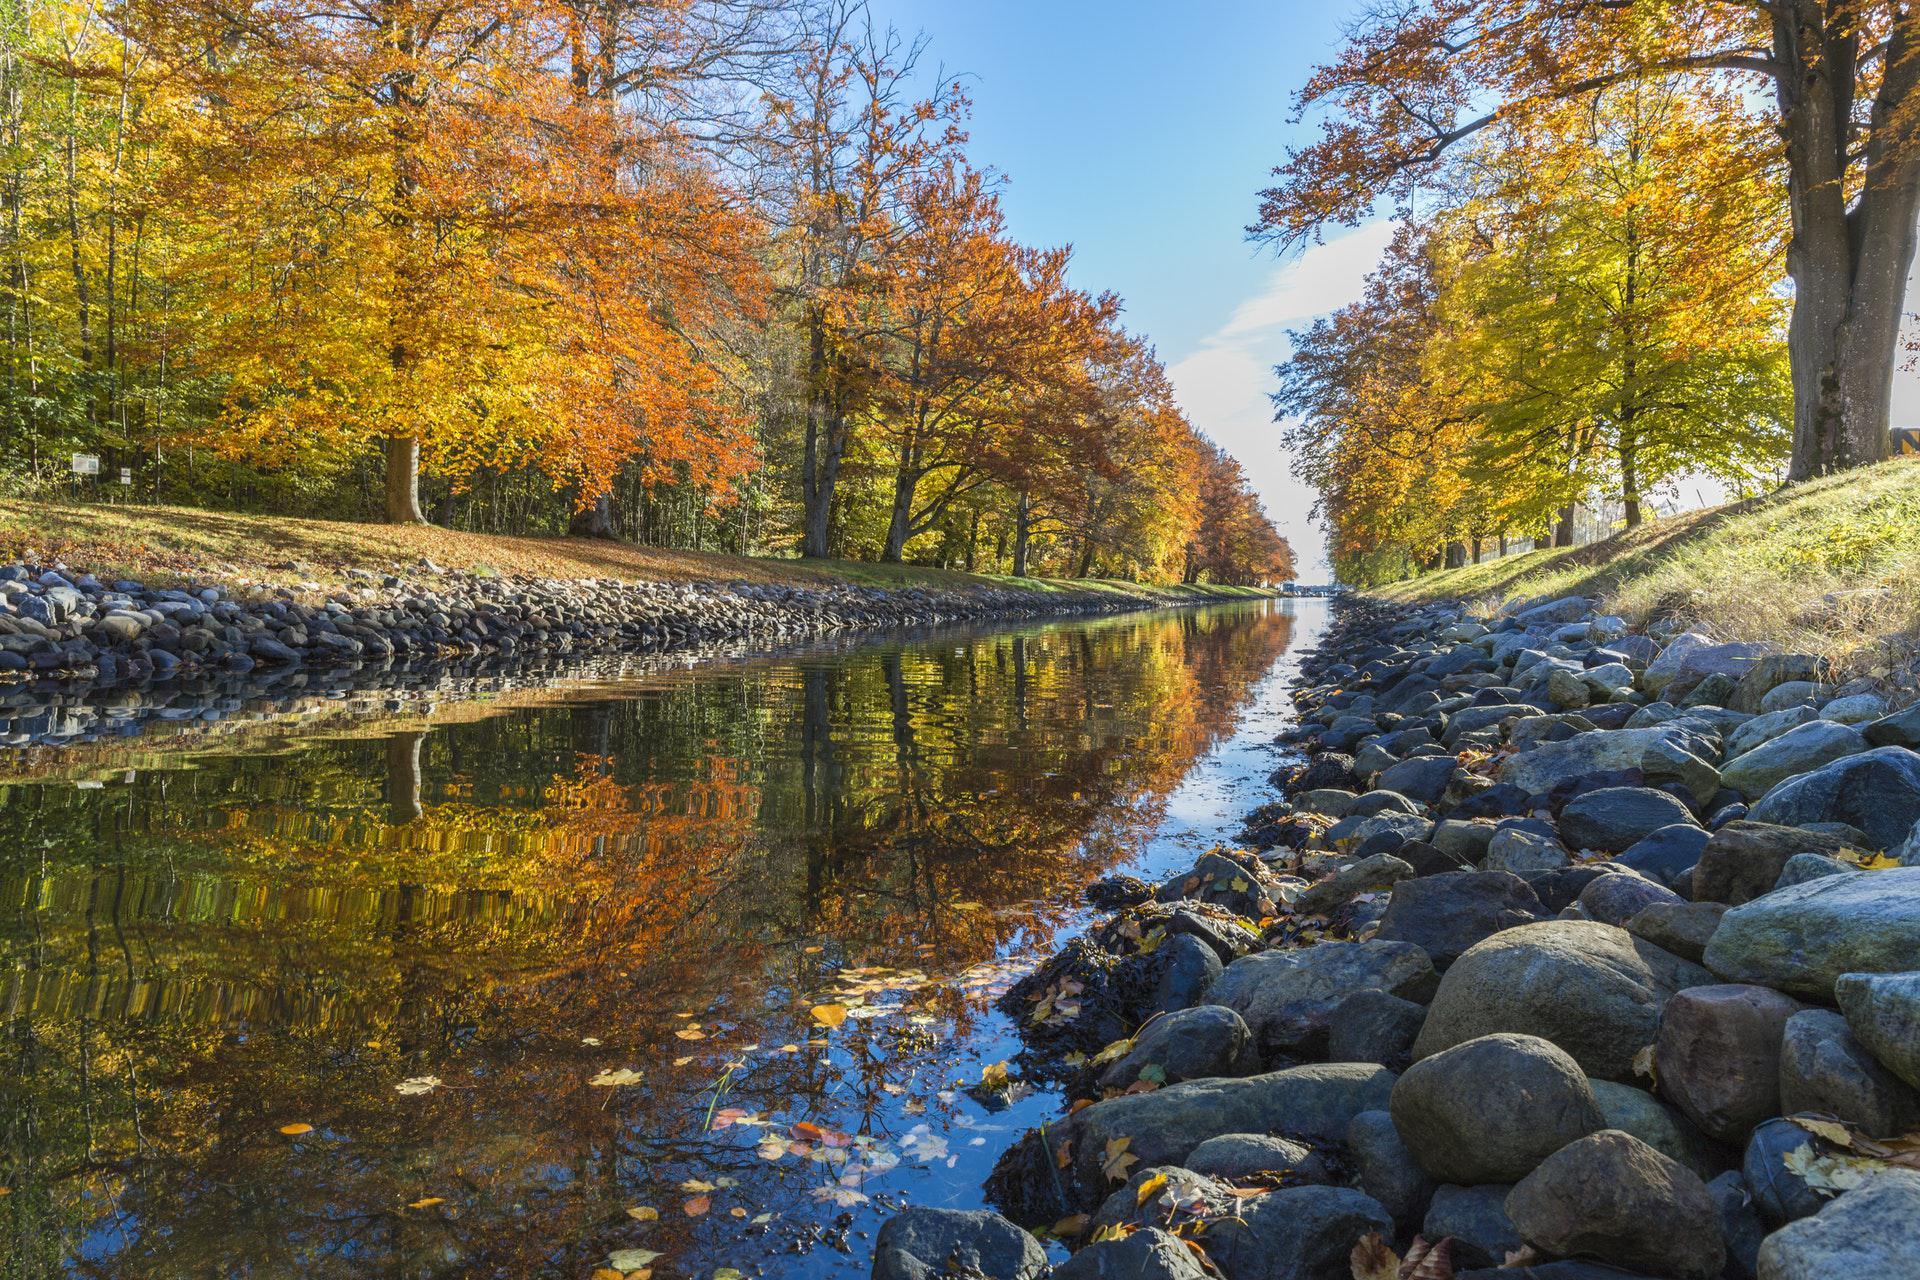 عکس زمینه رودخانه زلال میان جنگل پاییزی پس زمینه